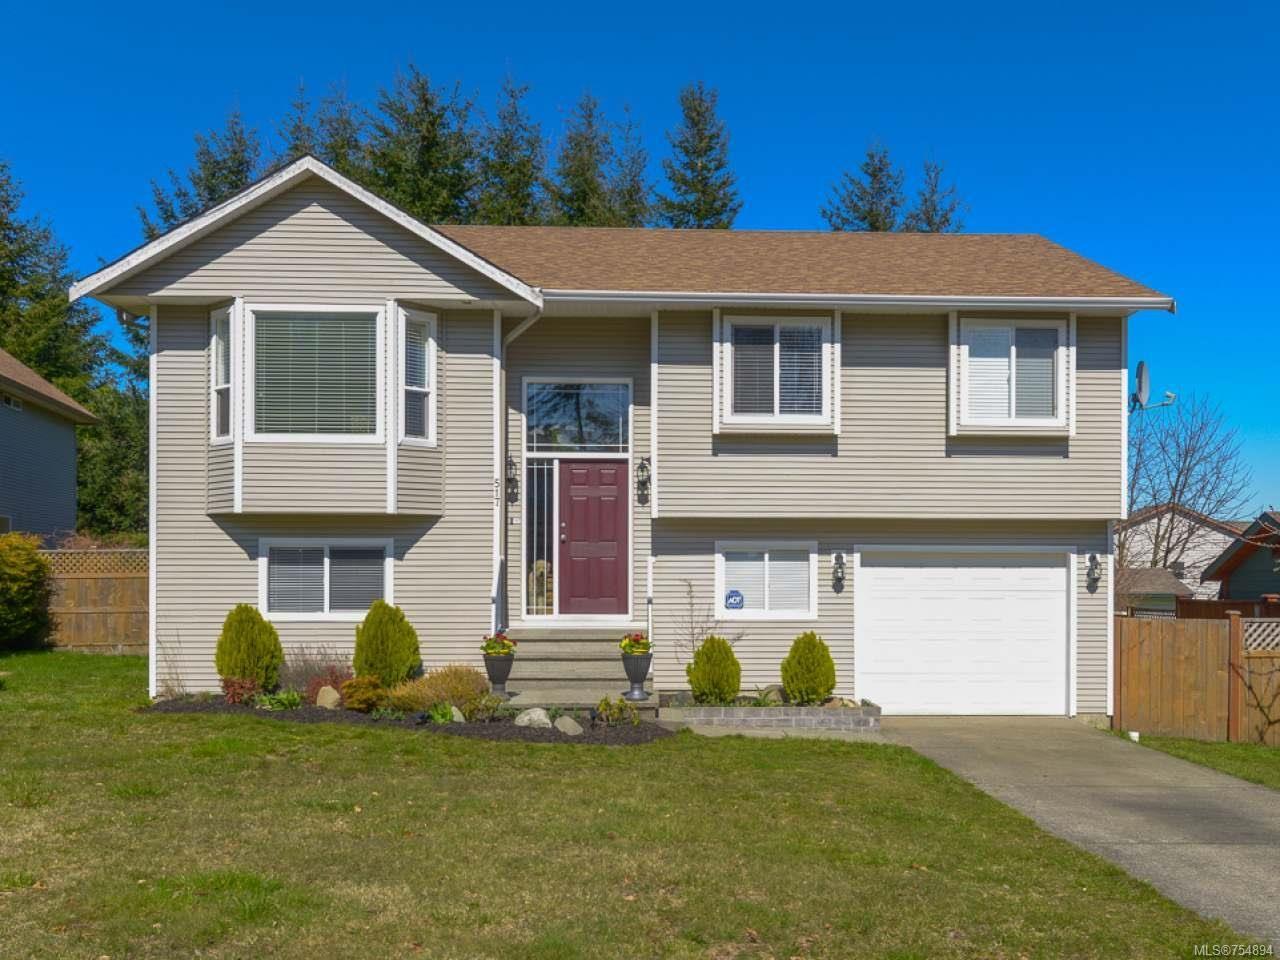 Main Photo: 517 Deerwood Pl in COMOX: CV Comox (Town of) House for sale (Comox Valley)  : MLS®# 754894